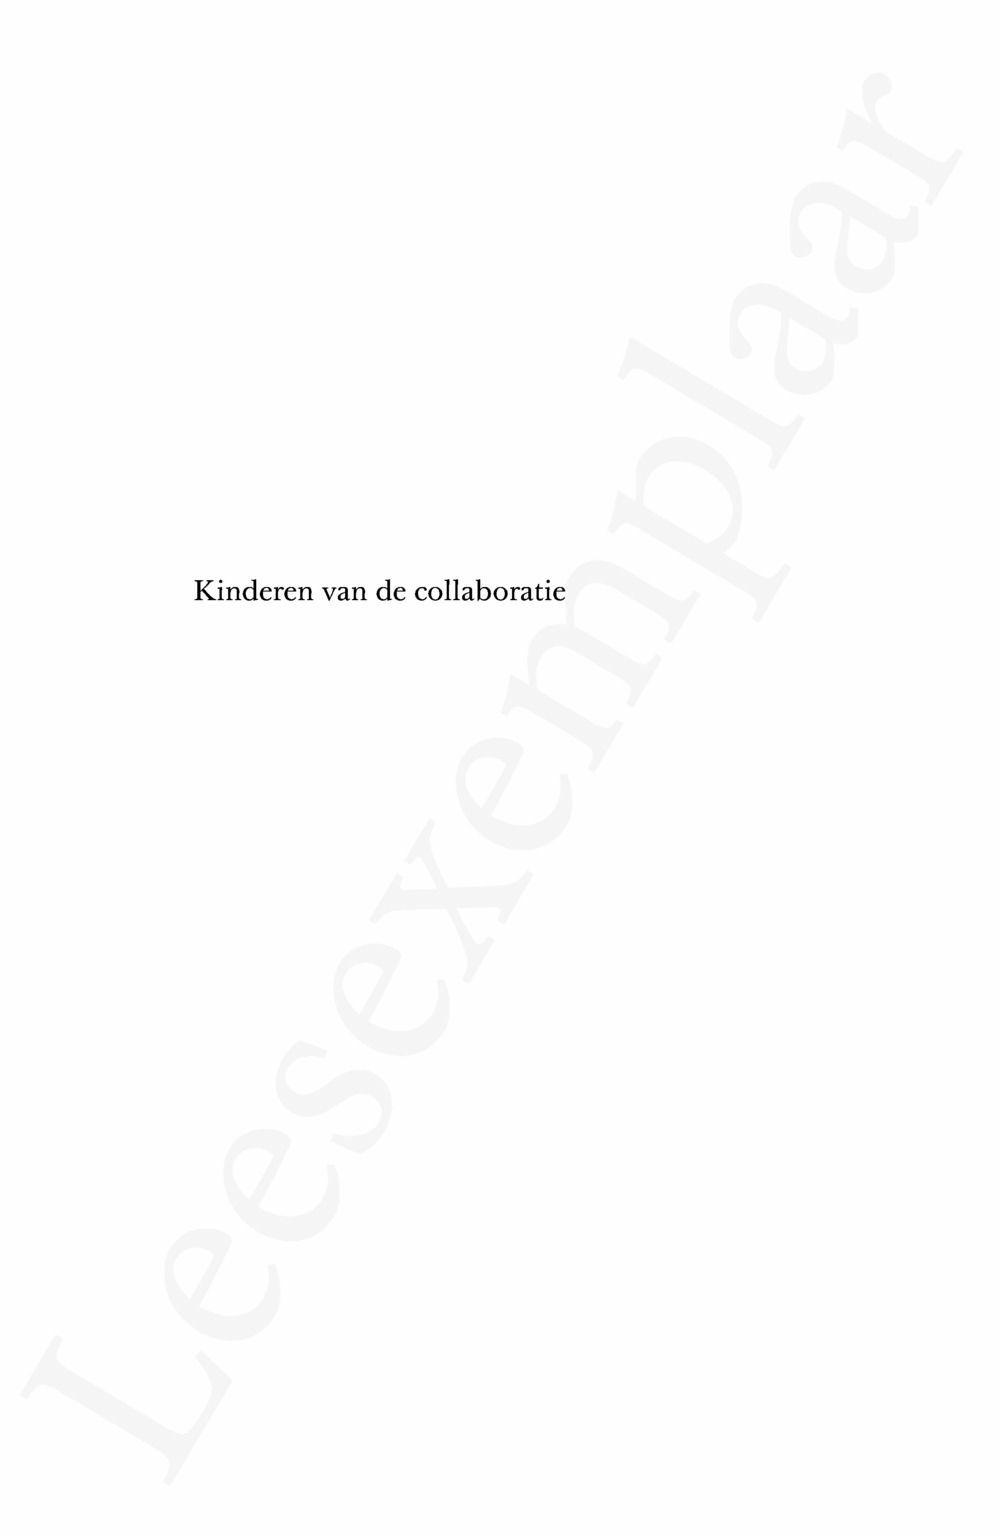 Preview: Kinderen van de collaboratie